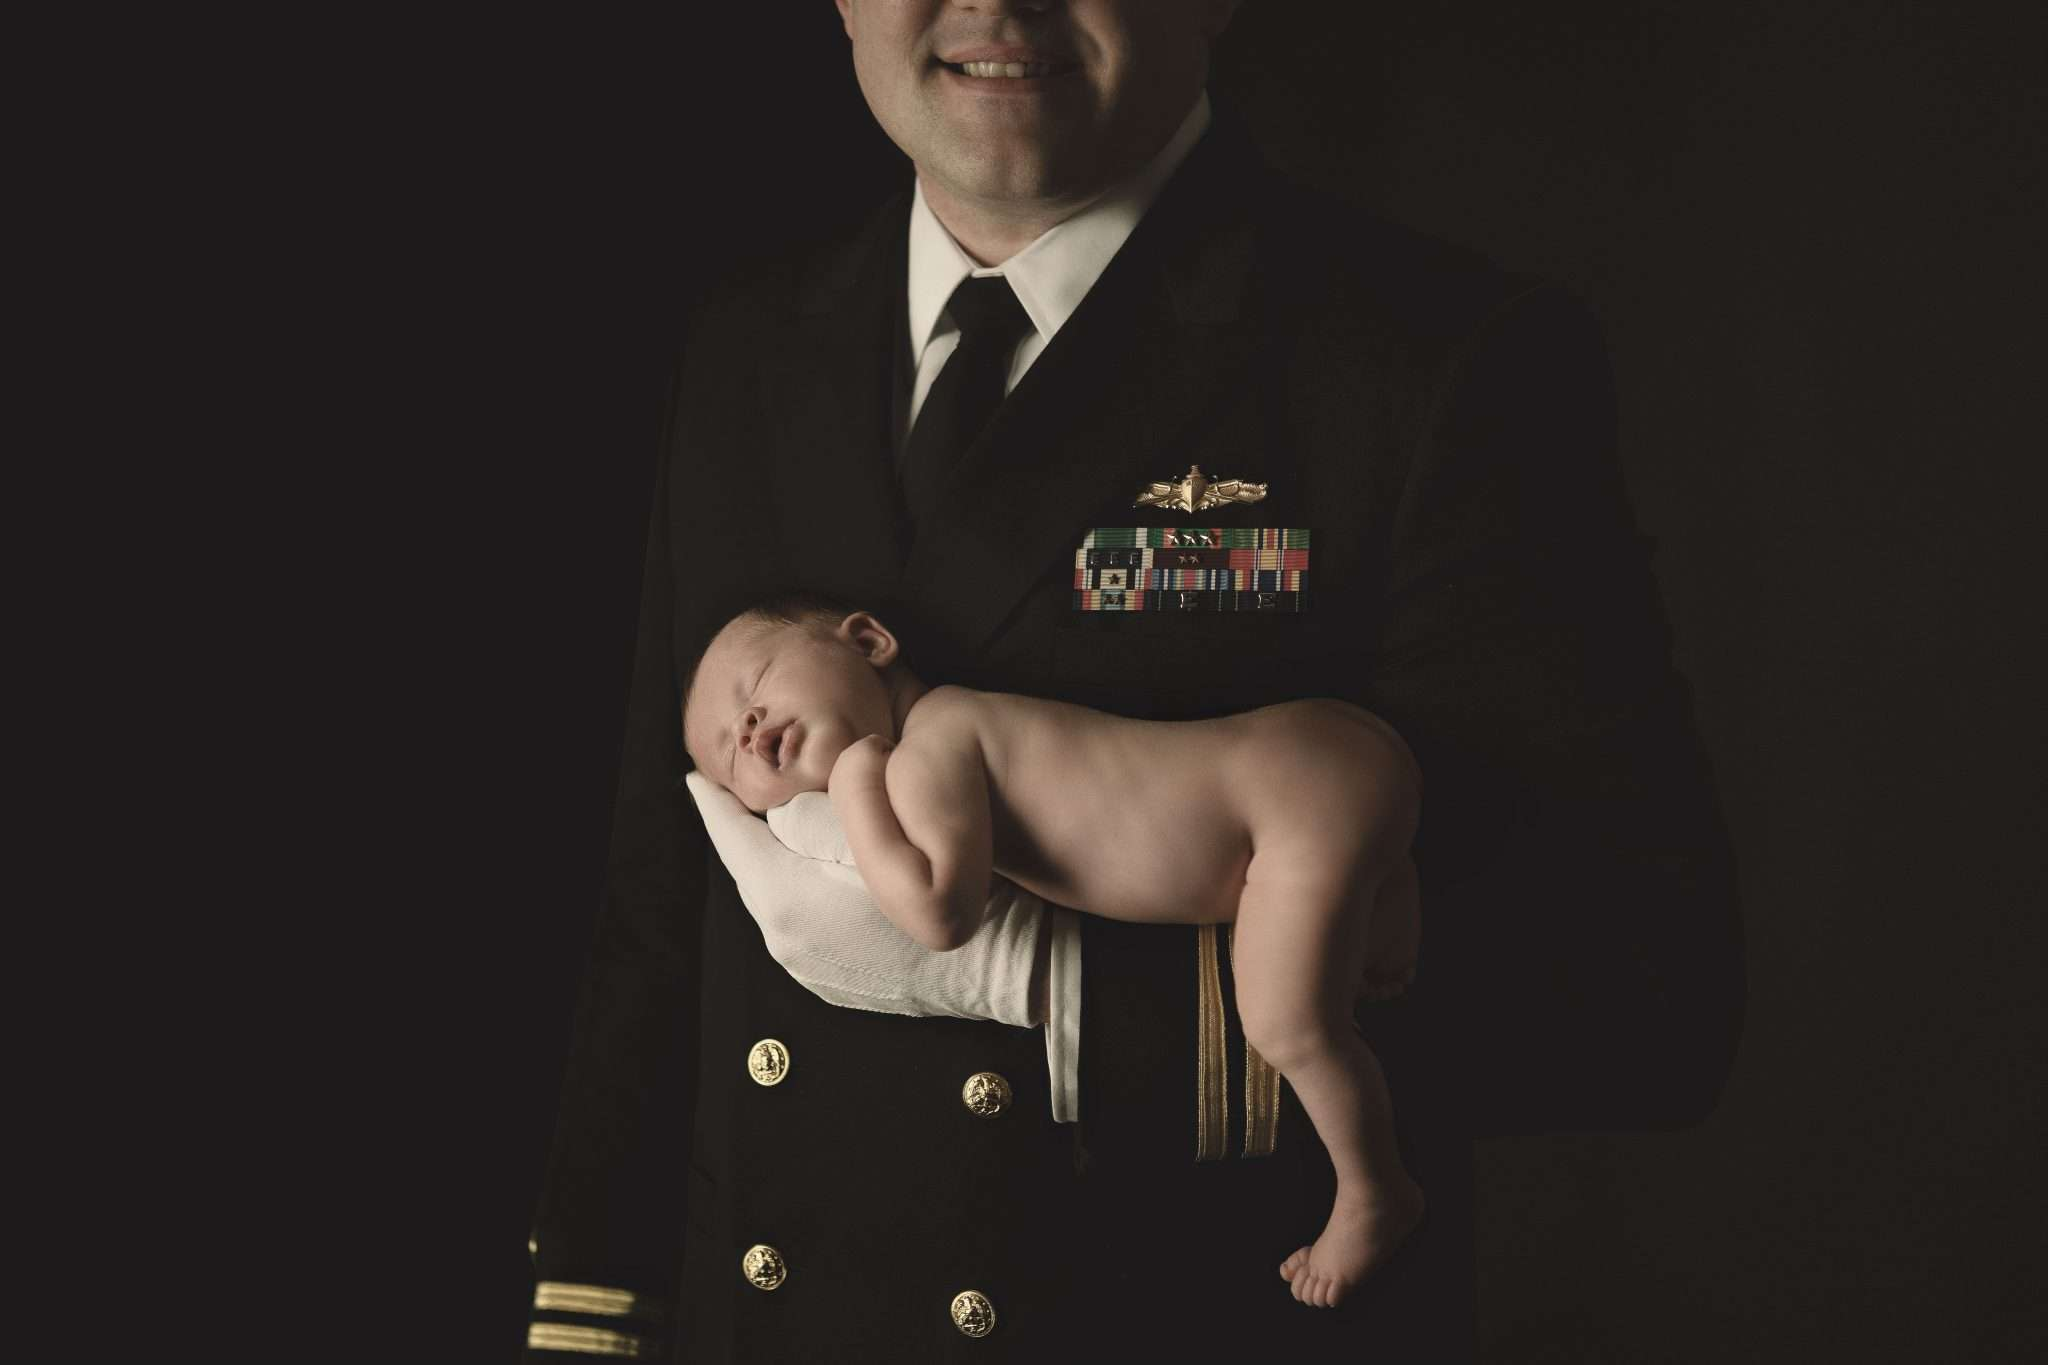 Newborn photography uniform Naples America realizzata da Barbara Trincone fotografo specializzato in fotografia di gravidanza, genitorialità, nascita